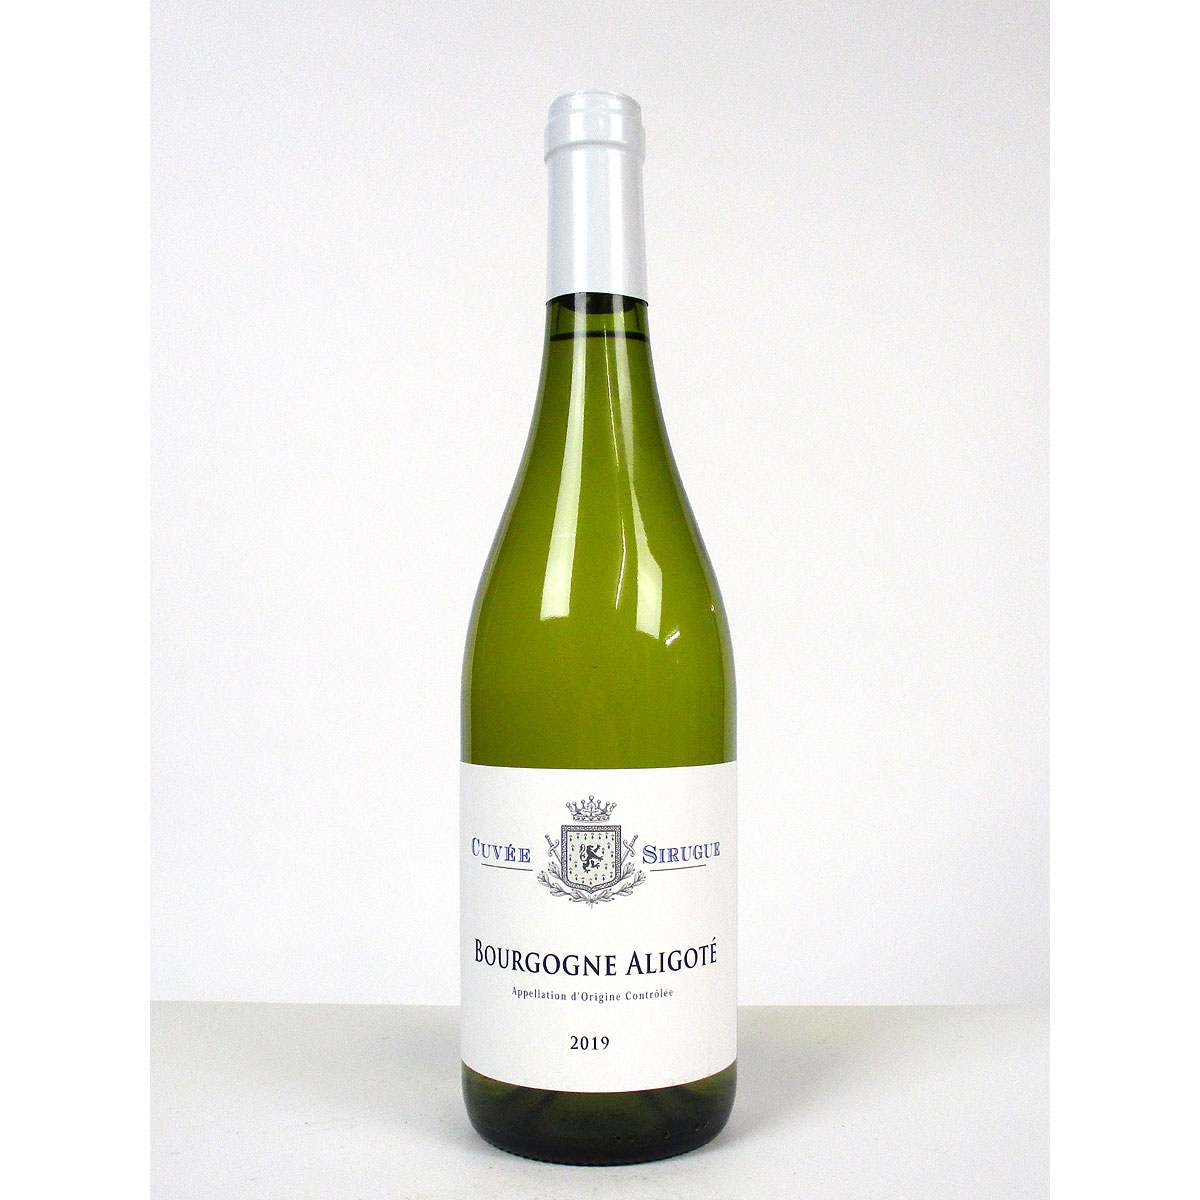 Bourgogne Aligoté: 'Cuvée Sirugue' 2019 - Bottle